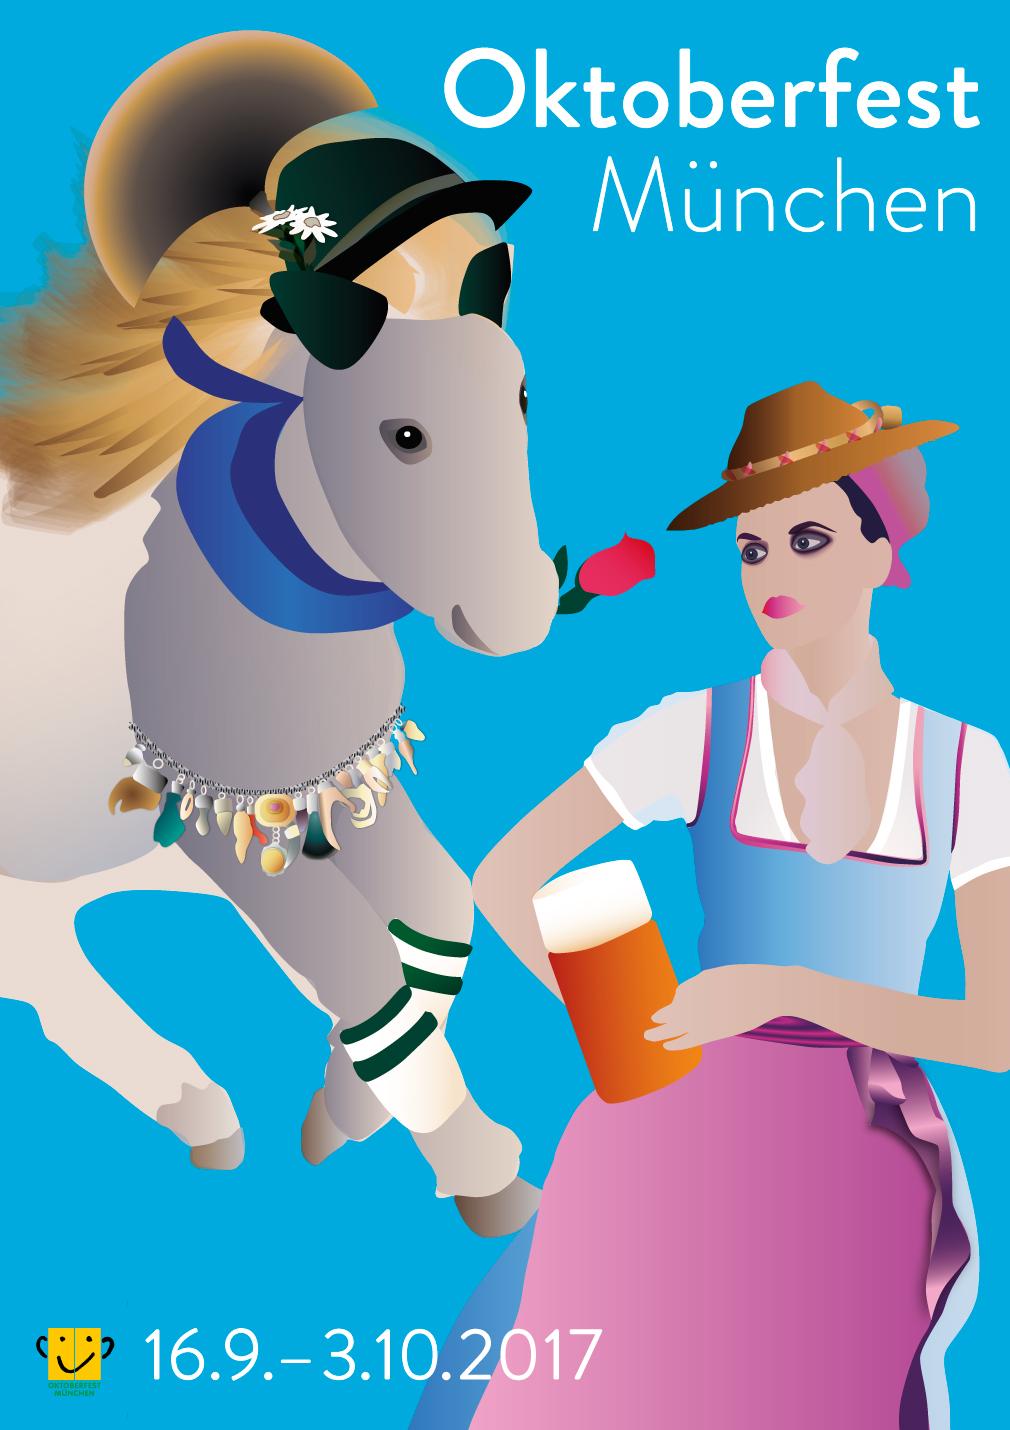 Wiesnplakat. Sie sehen den Entwurf des Wiesnplakat 2017, mit dem Marlene Kern sich am Wettbewerb 2017 der Stadt München beteiligte.